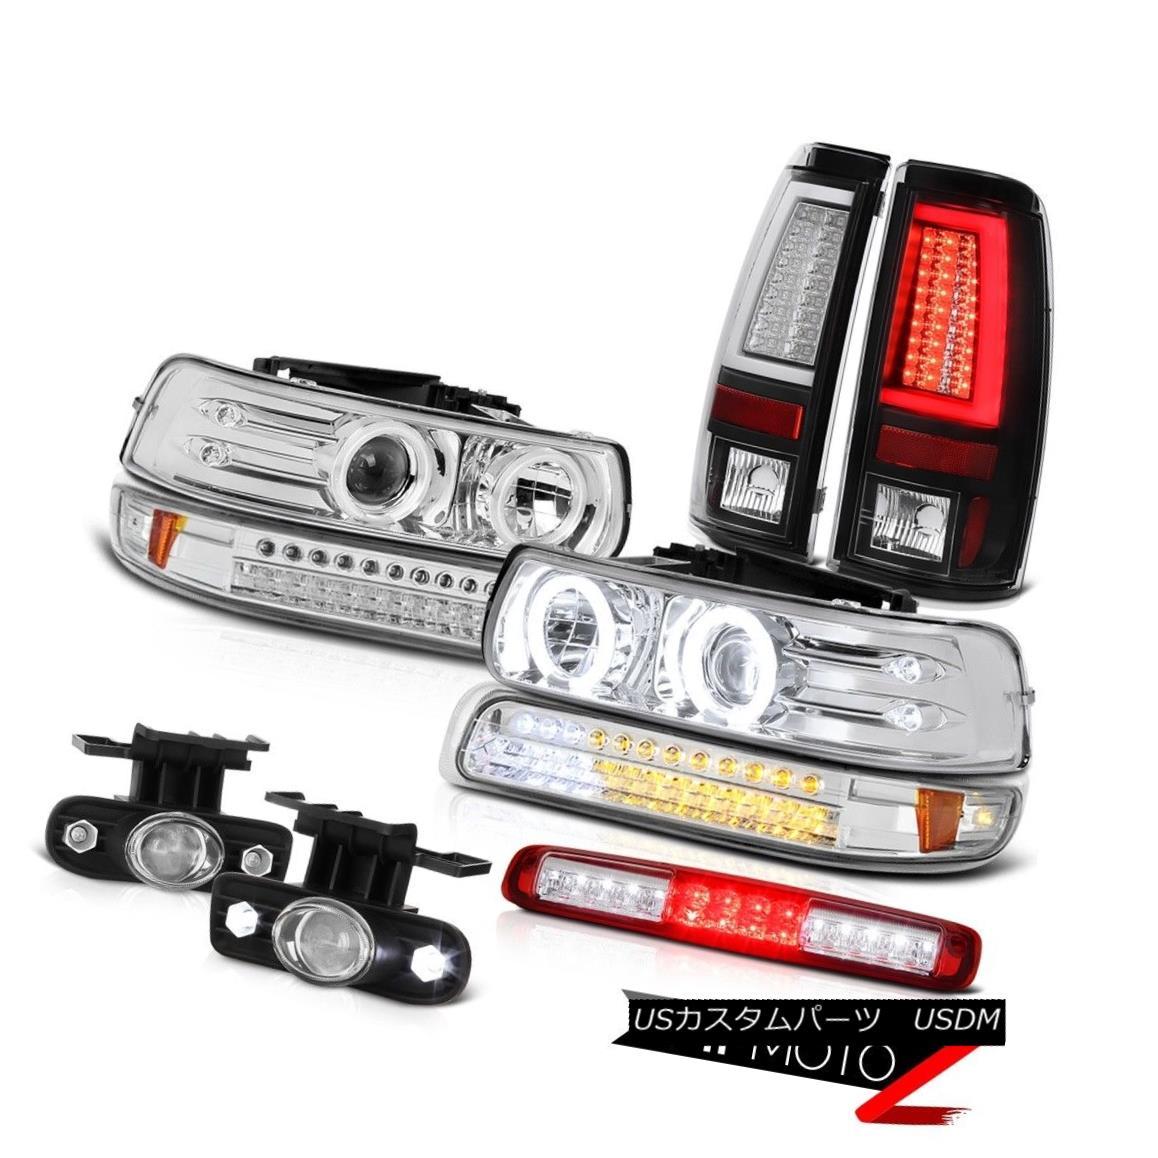 テールライト 99-02 Silverado 3500 Tail Lights Signal Light Headlamps Roof Cab Fog Lamps LED 99-02 Silverado 3500テールライトシグナルライトヘッドランプルーフキャブフォグランプLED